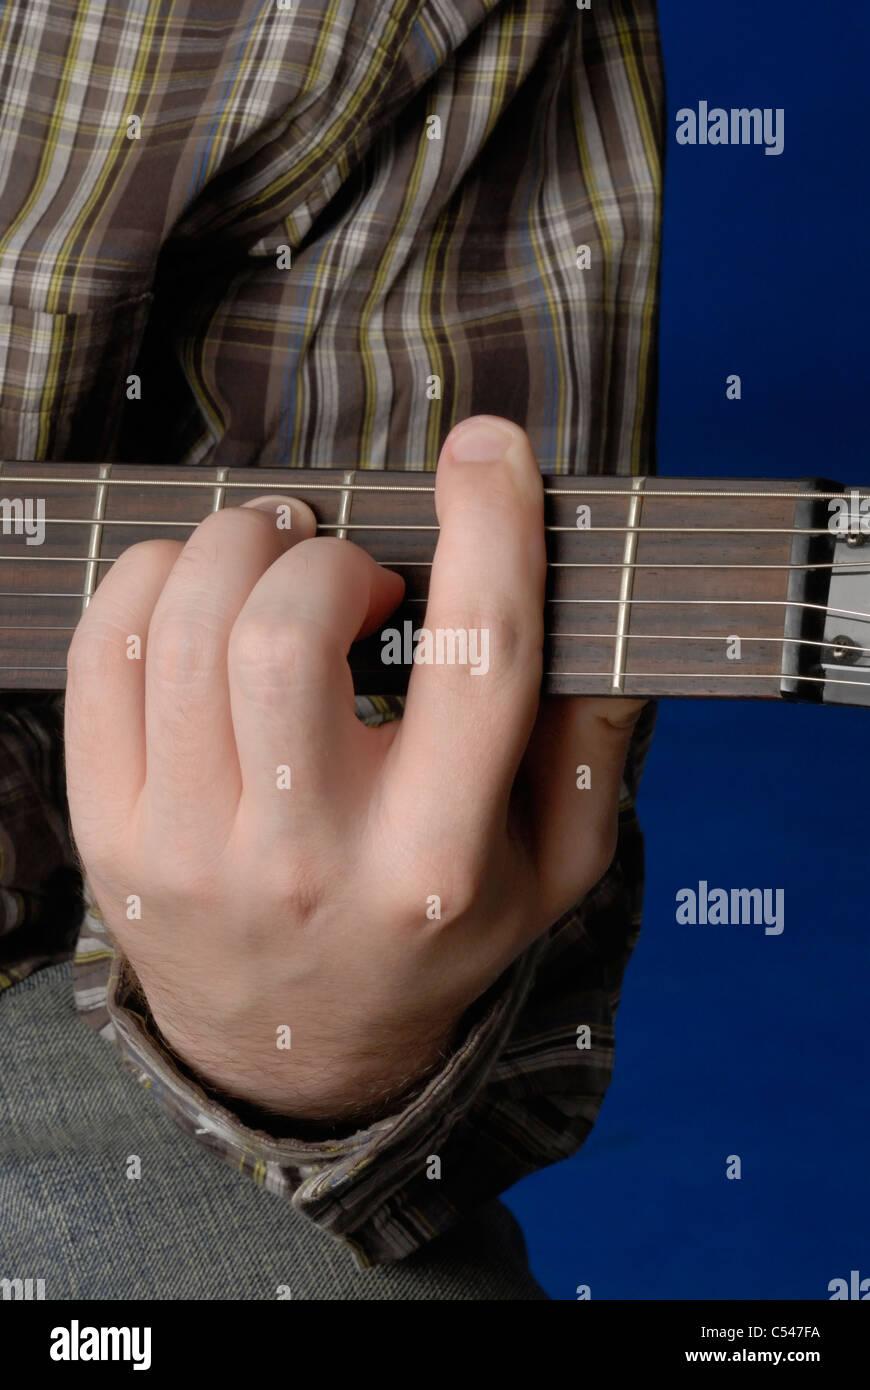 Bar Chords Stock Photos Bar Chords Stock Images Alamy